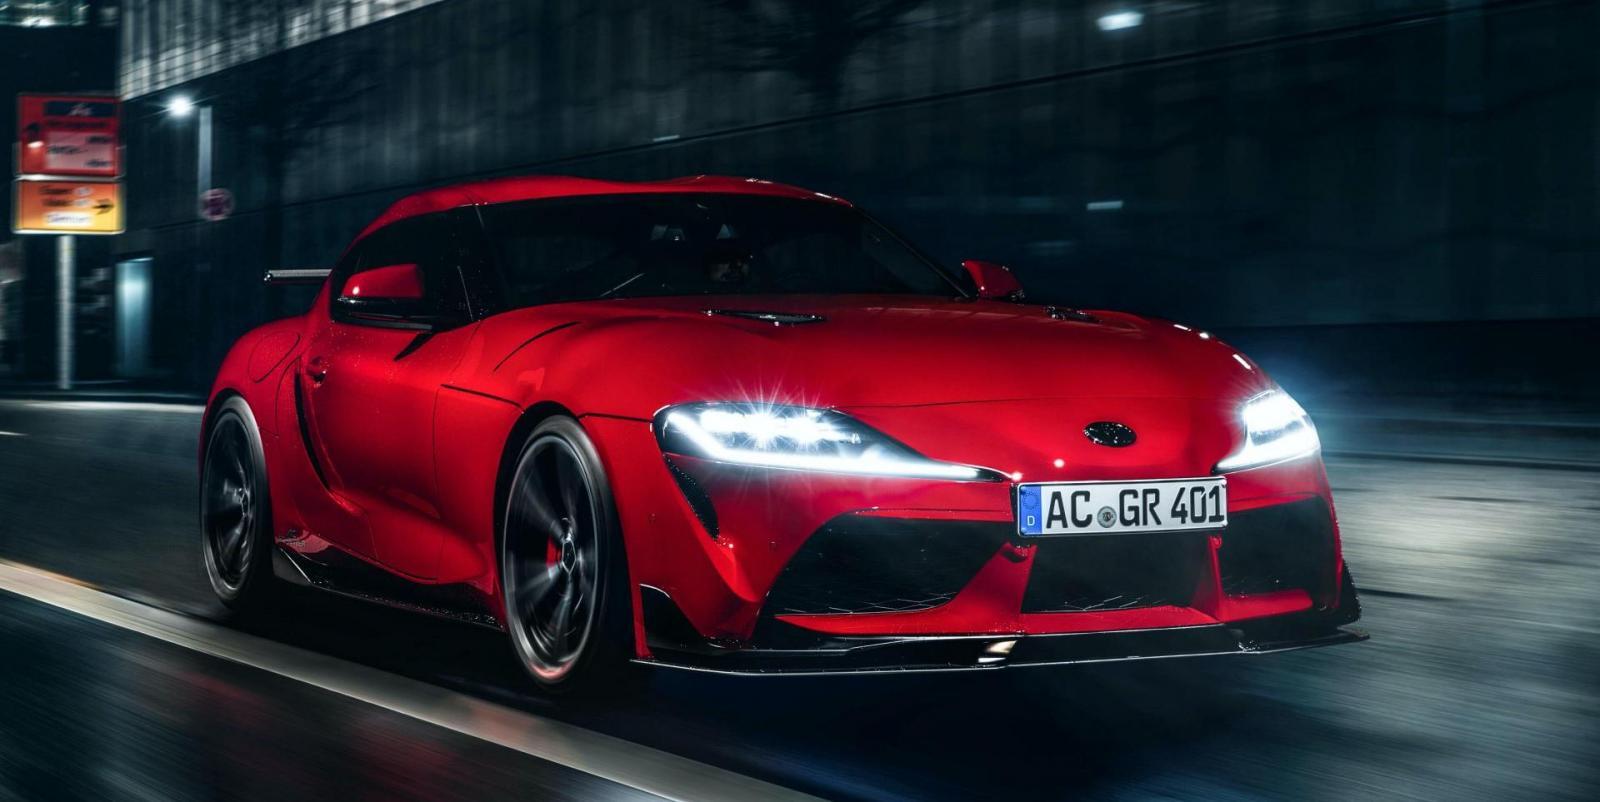 El preparador alemán modificó la estética y mecánica del Toyota GR Supra